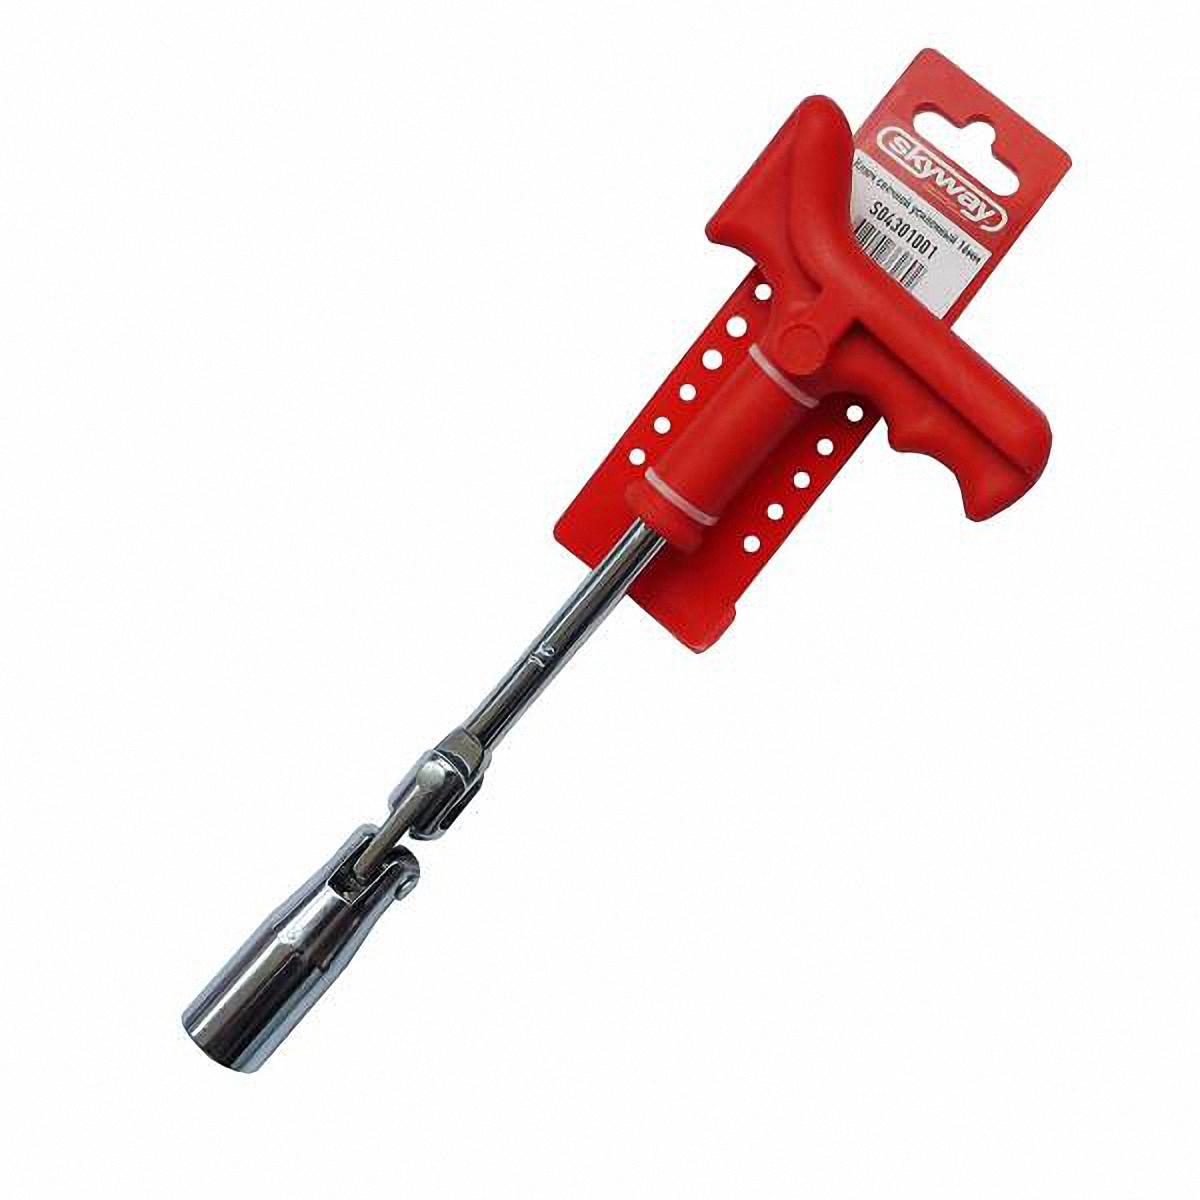 Ключ свечной Skyway, с карданом, усиленный, 16 ммCA-3505Ключ свечной с карданом, усиленный, предназначен для снятия и установки свечей зажигания двигателей внутреннего сгорания. Особенности: Хромированная поверхность препятствует появлению ржавчины.Оснащен Т-образной пластиковой рукояткой с удобным захватом. Оснащен шарнирным механизмом, обеспечивающим вращение зева относительно рукоятки под переменным углом благодаря подвижному соединению звеньев.Характеристики: Диаметр шестигранной головки: 16 мм. Общая длина ключа - 260 мм. Размах Т-образной ручки - 95 мм. Длина T-образной ручки - 165 мм.Уважаемые клиенты!Обращаем ваше внимание на ассортимент товара. Поставка осуществляется в зависимости от наличия на складе.